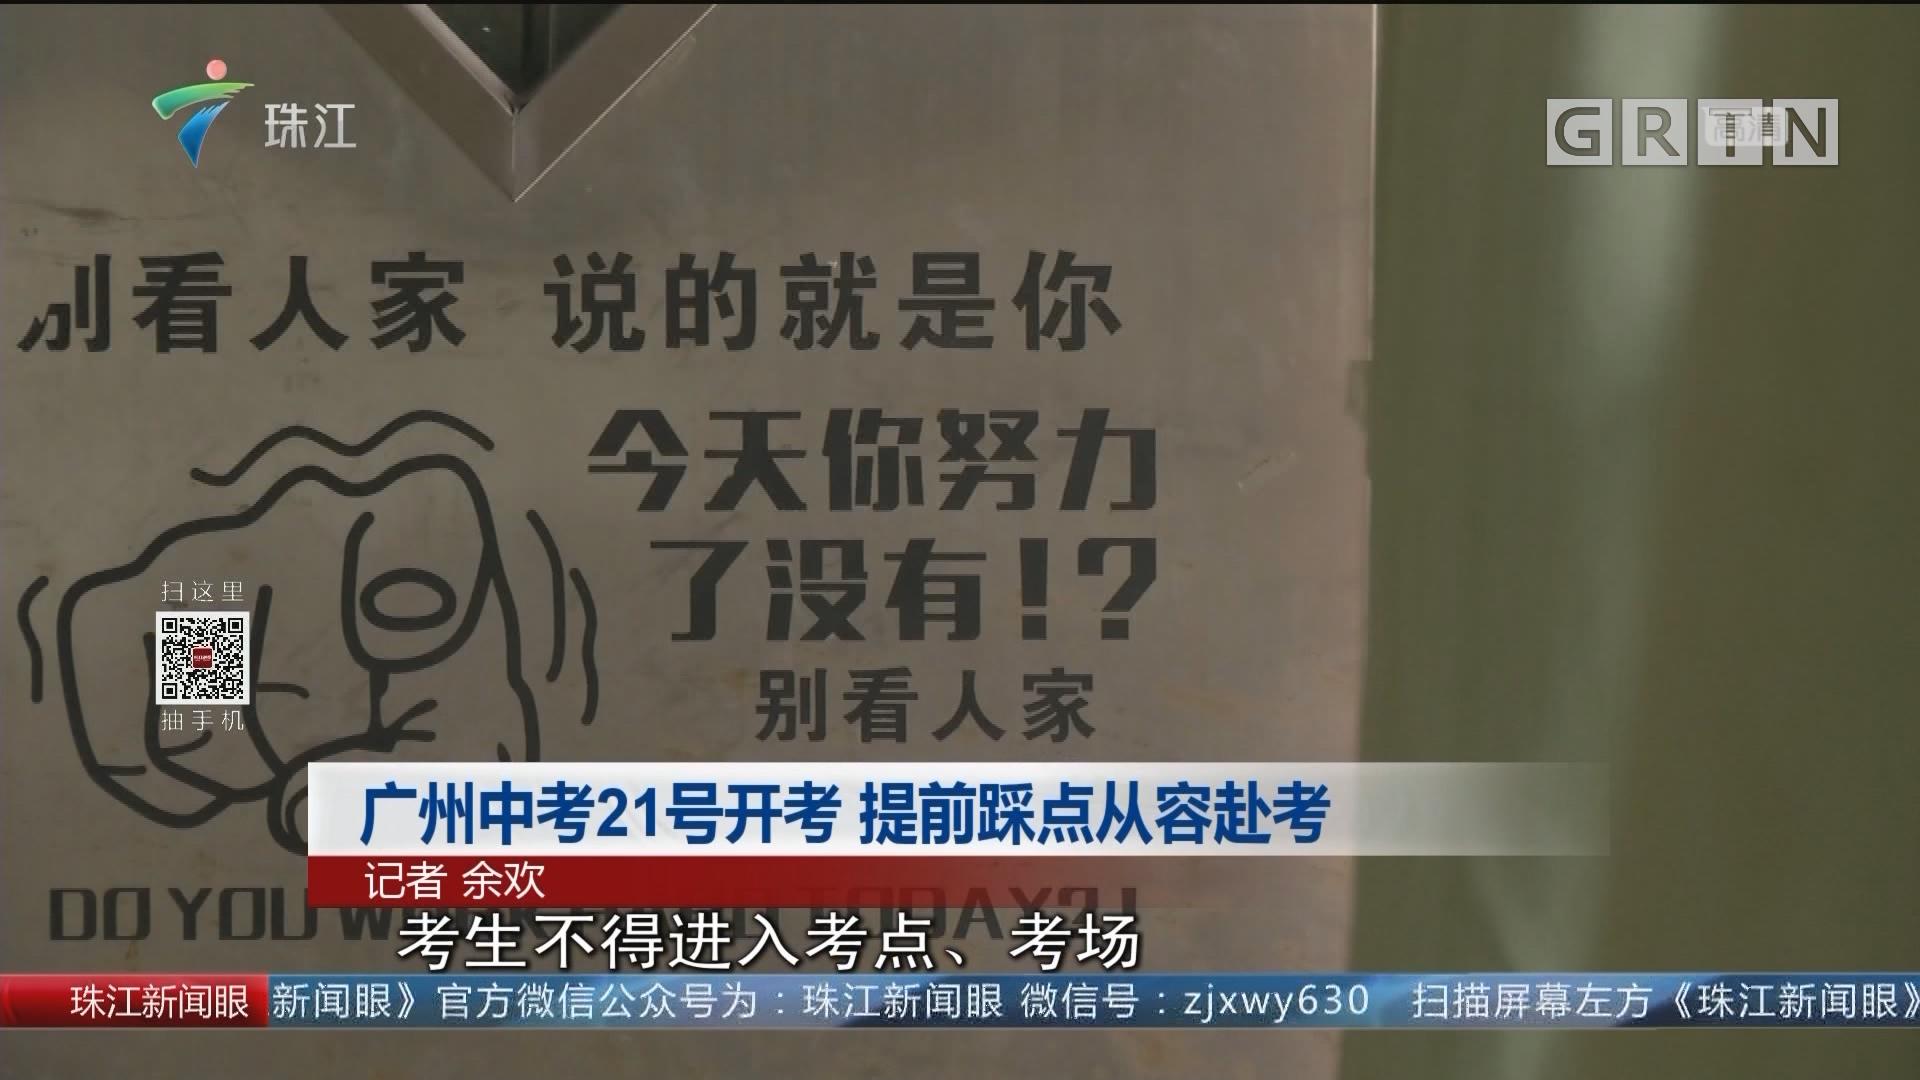 广州中考21号开考 提前踩点从容赴考